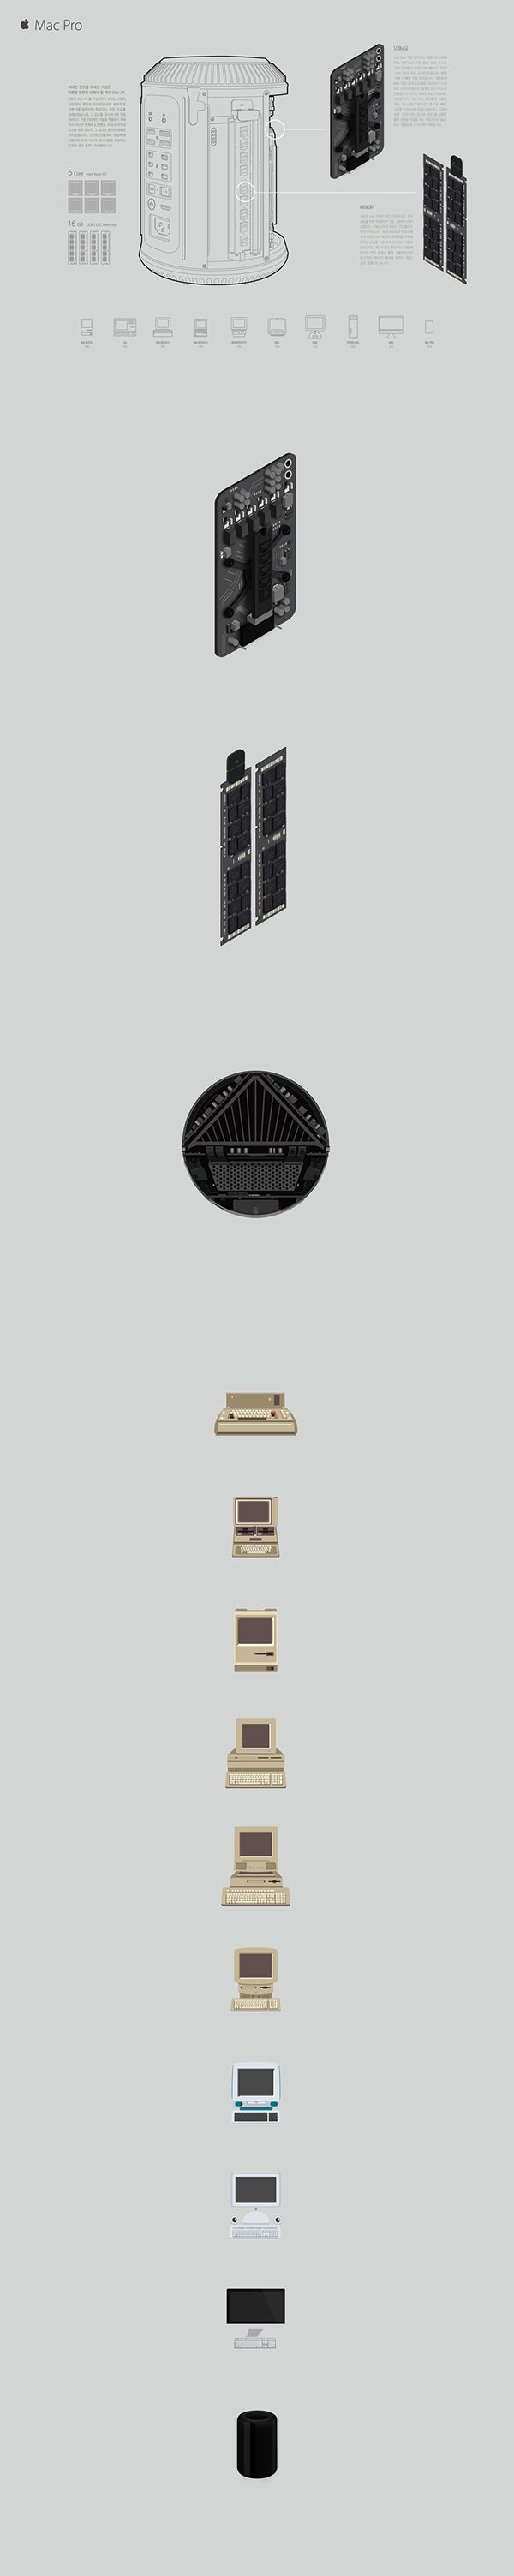 이정우│ Information Design 2014│ Dept. of Digital Media Design │#hicoda │hicoda.hongik.ac.kr